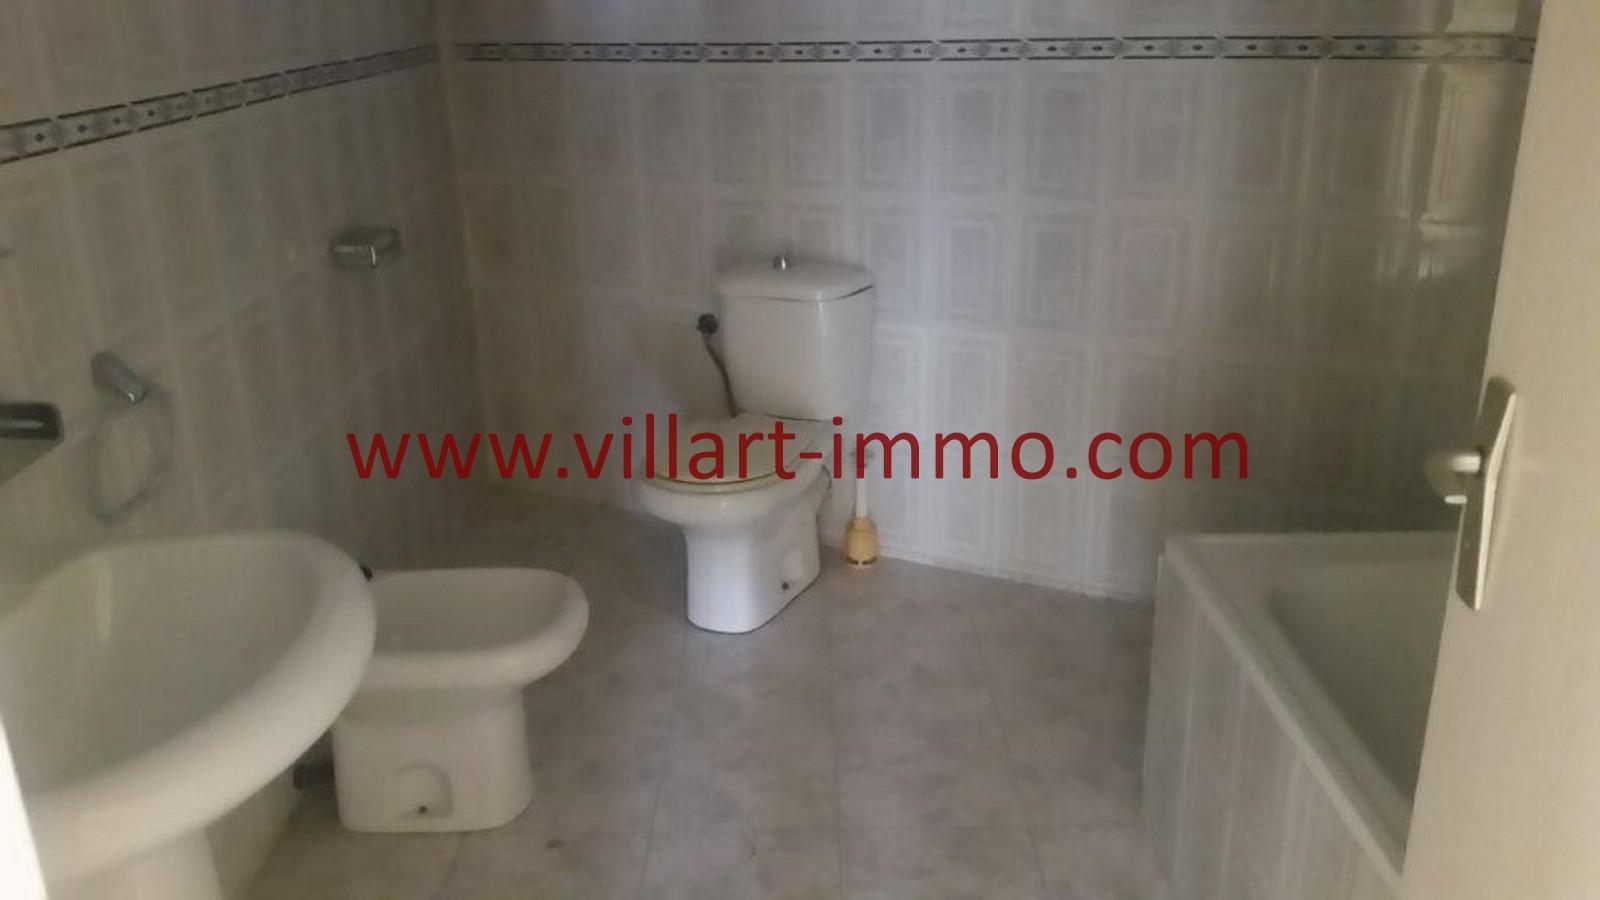 7-location-tanger-appartement-non-meublee-iberia-salla-de-bain-l1013-villart-immo-agence-immobiliere